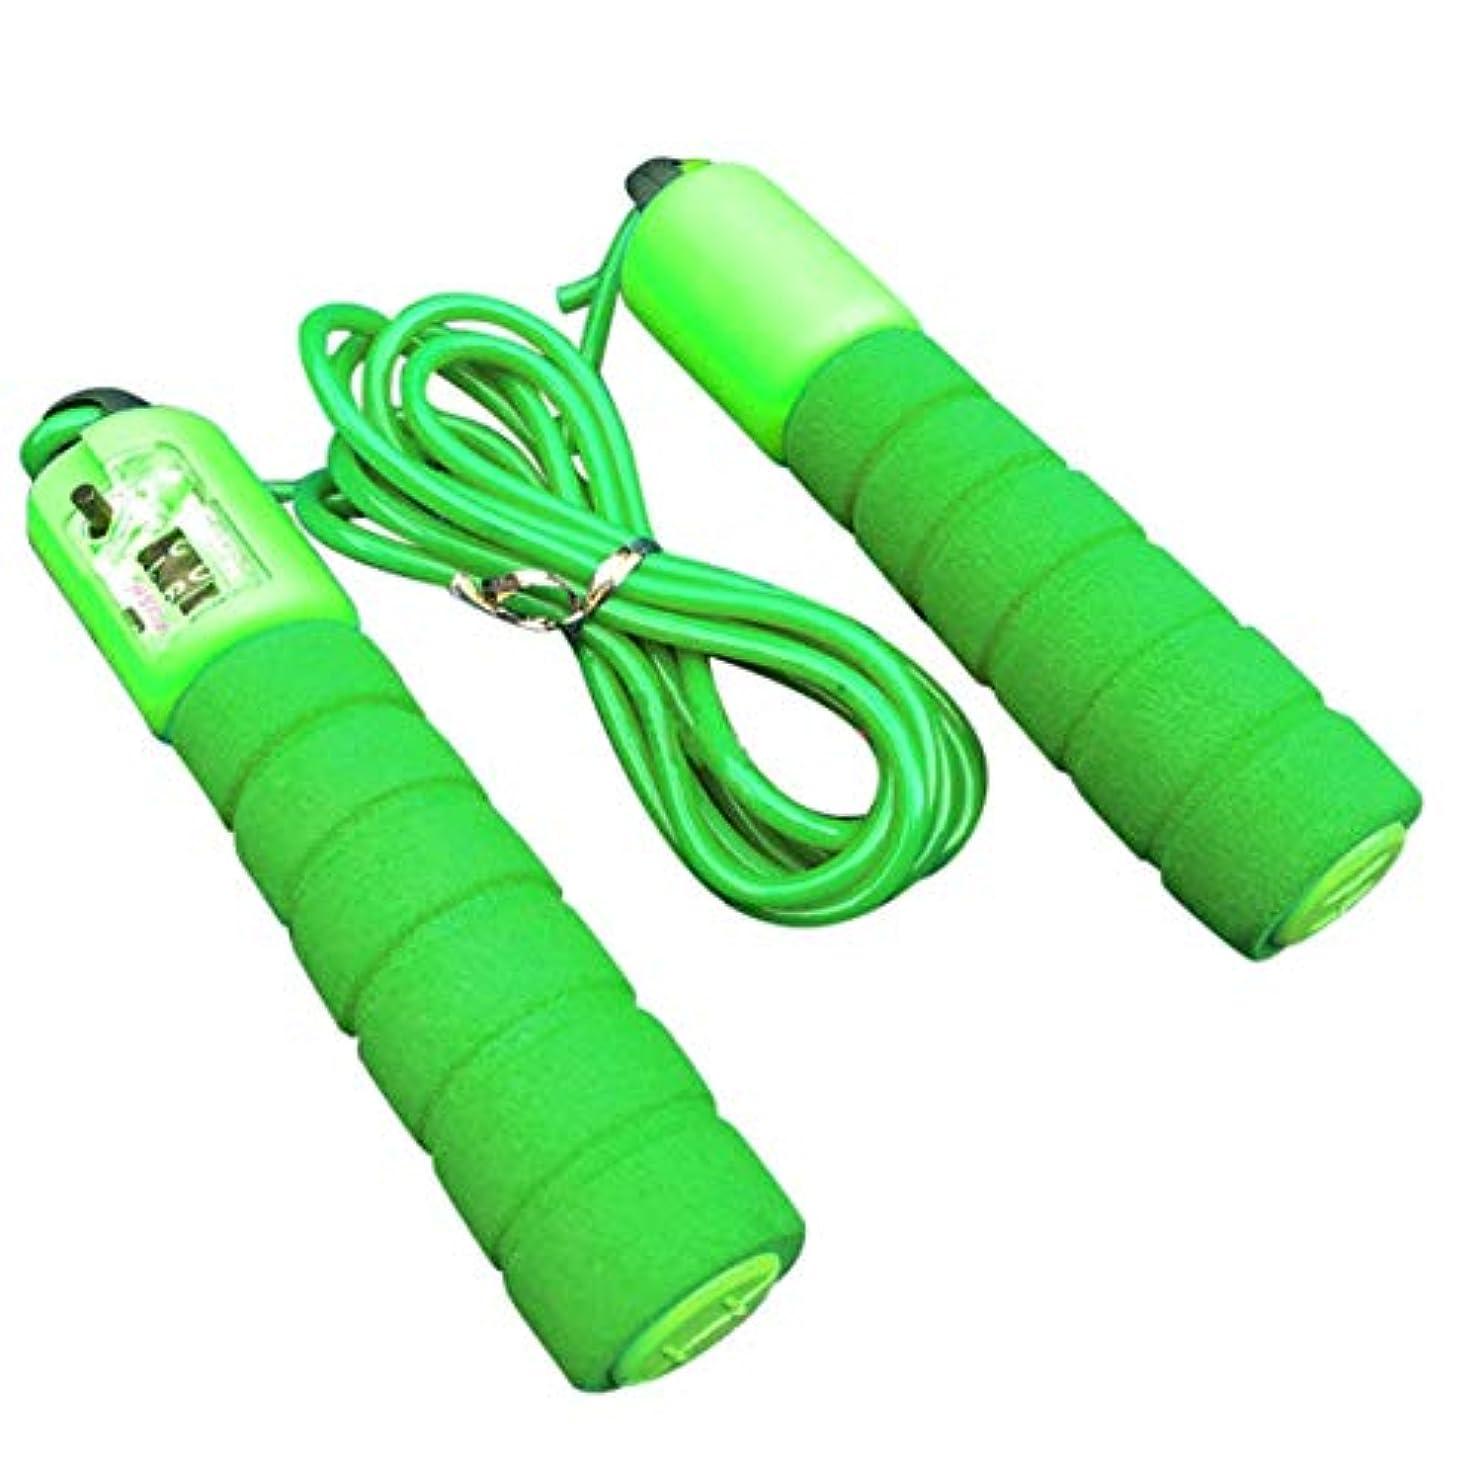 熟す私たち私たち調節可能なプロフェッショナルカウント縄跳び自動カウントジャンプロープフィットネス運動高速カウントジャンプロープ - グリーン